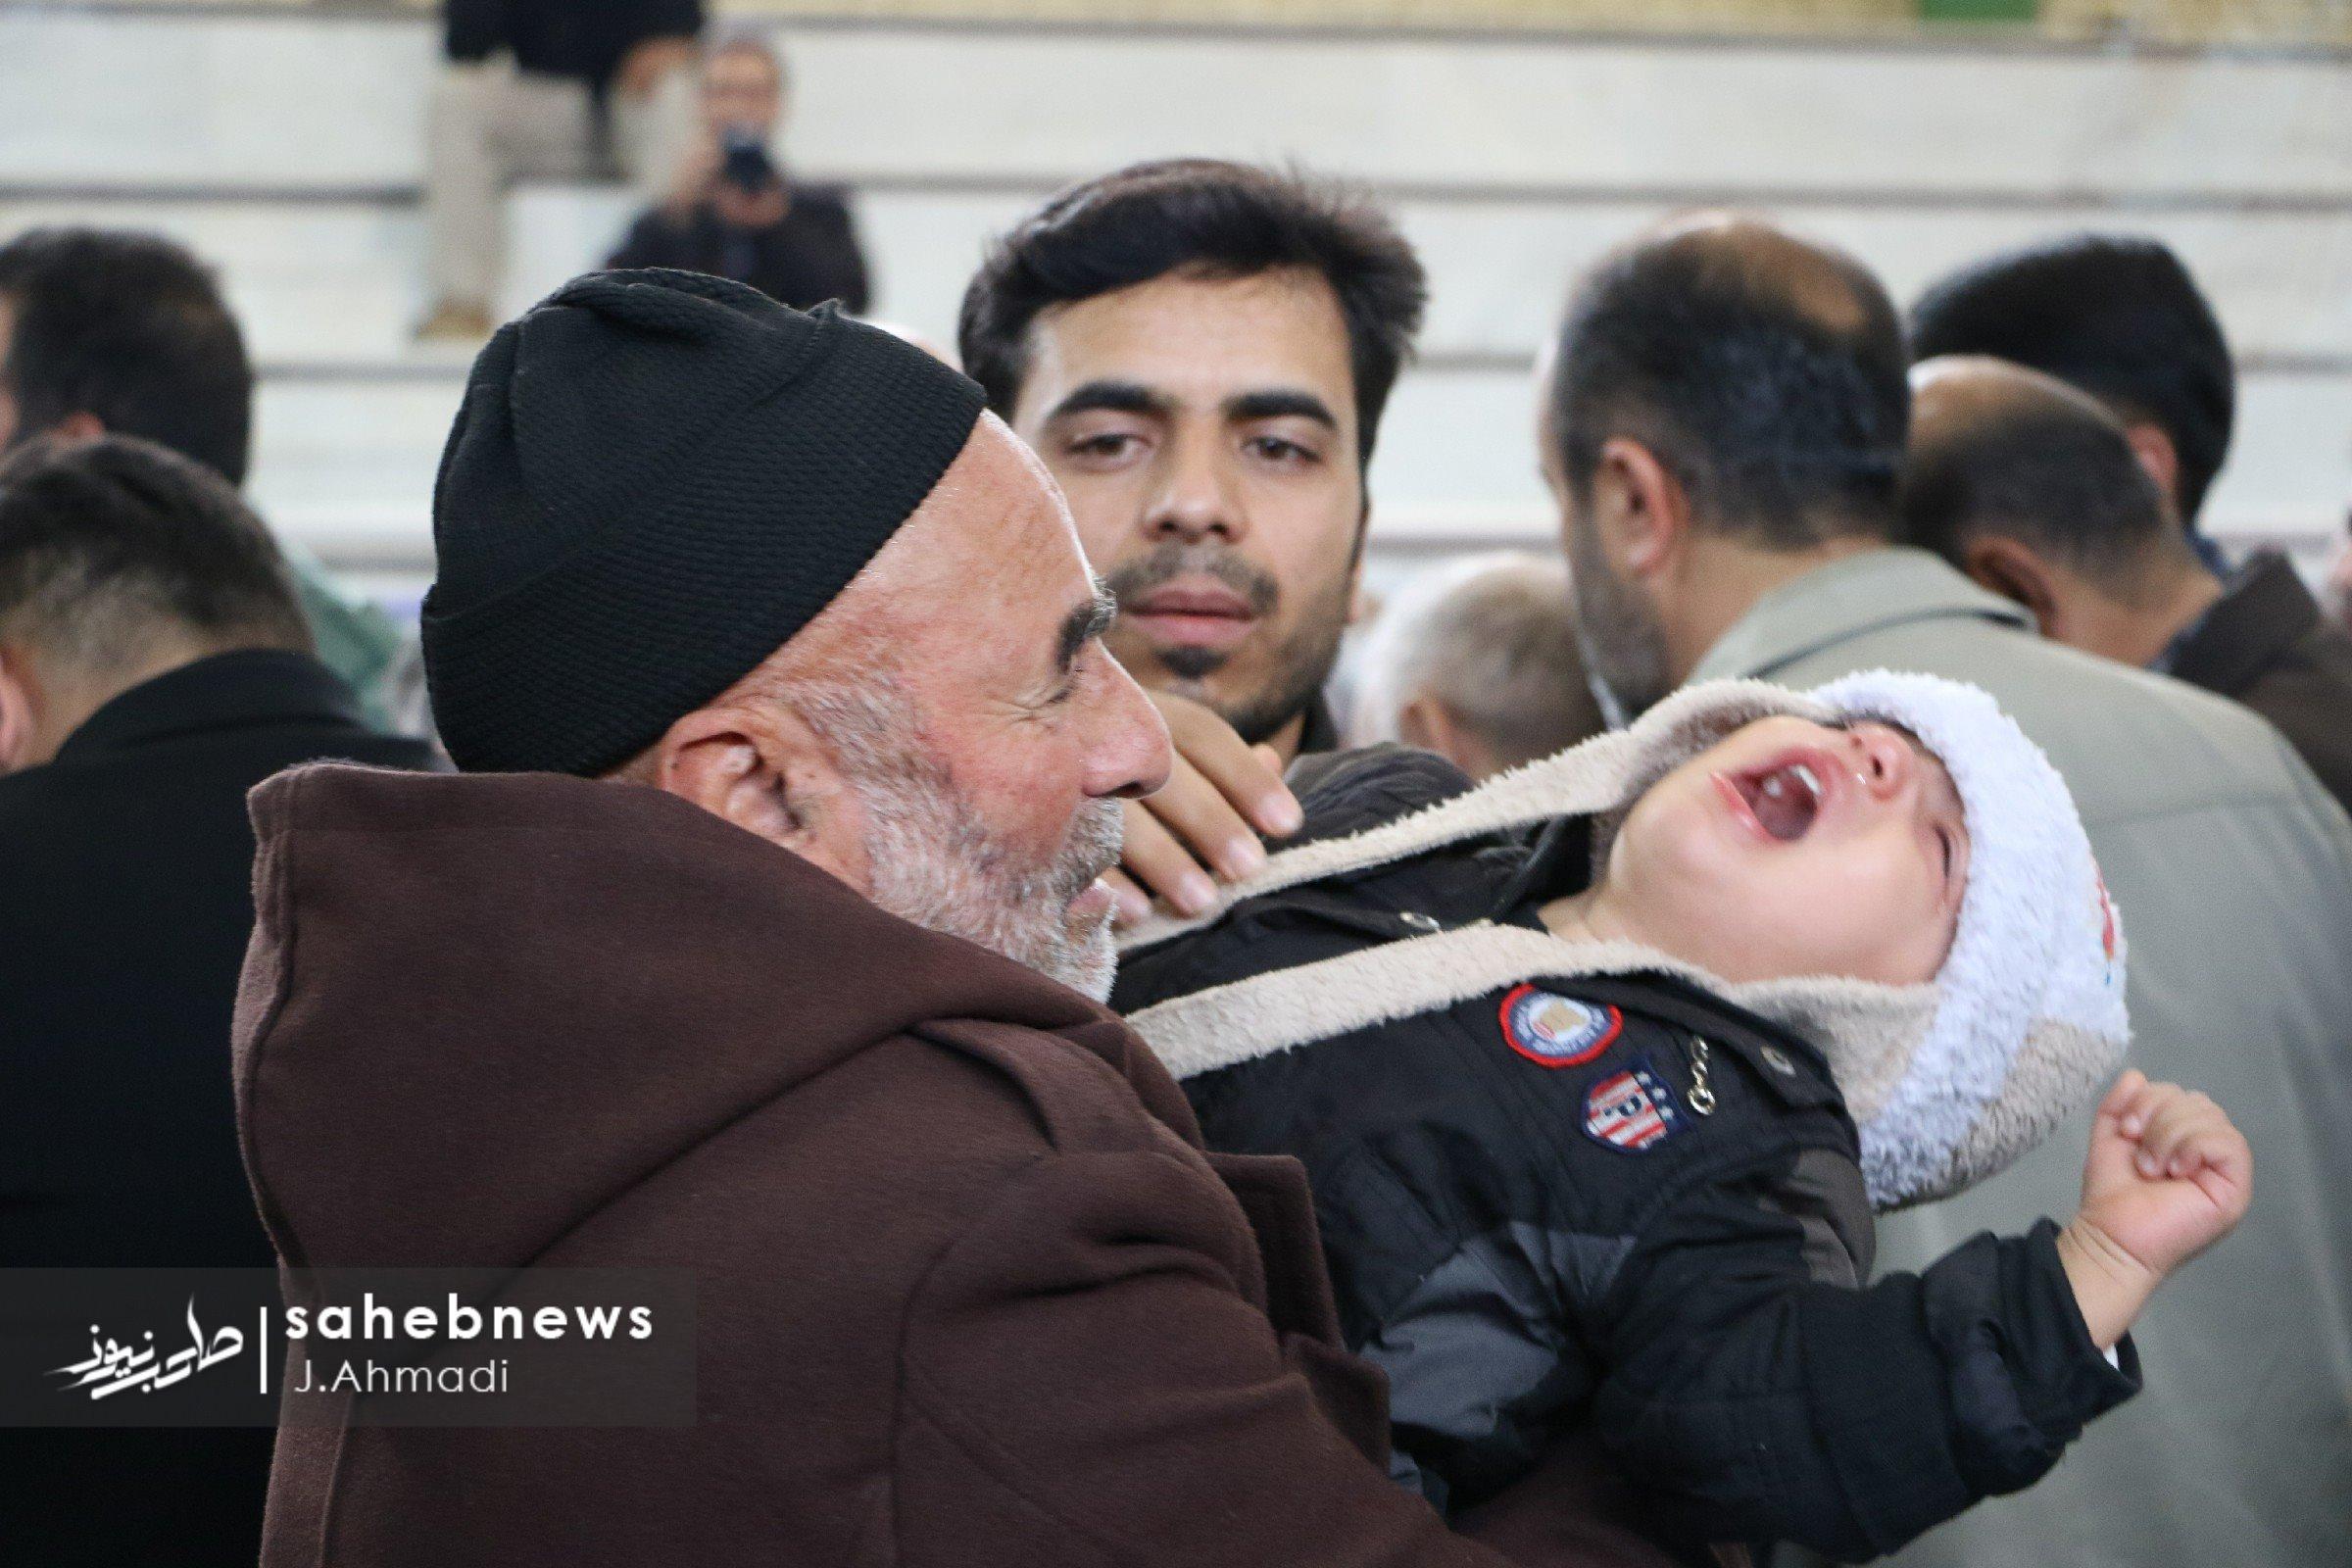 27 شهید حادثه تروریستی اصفهان (7)